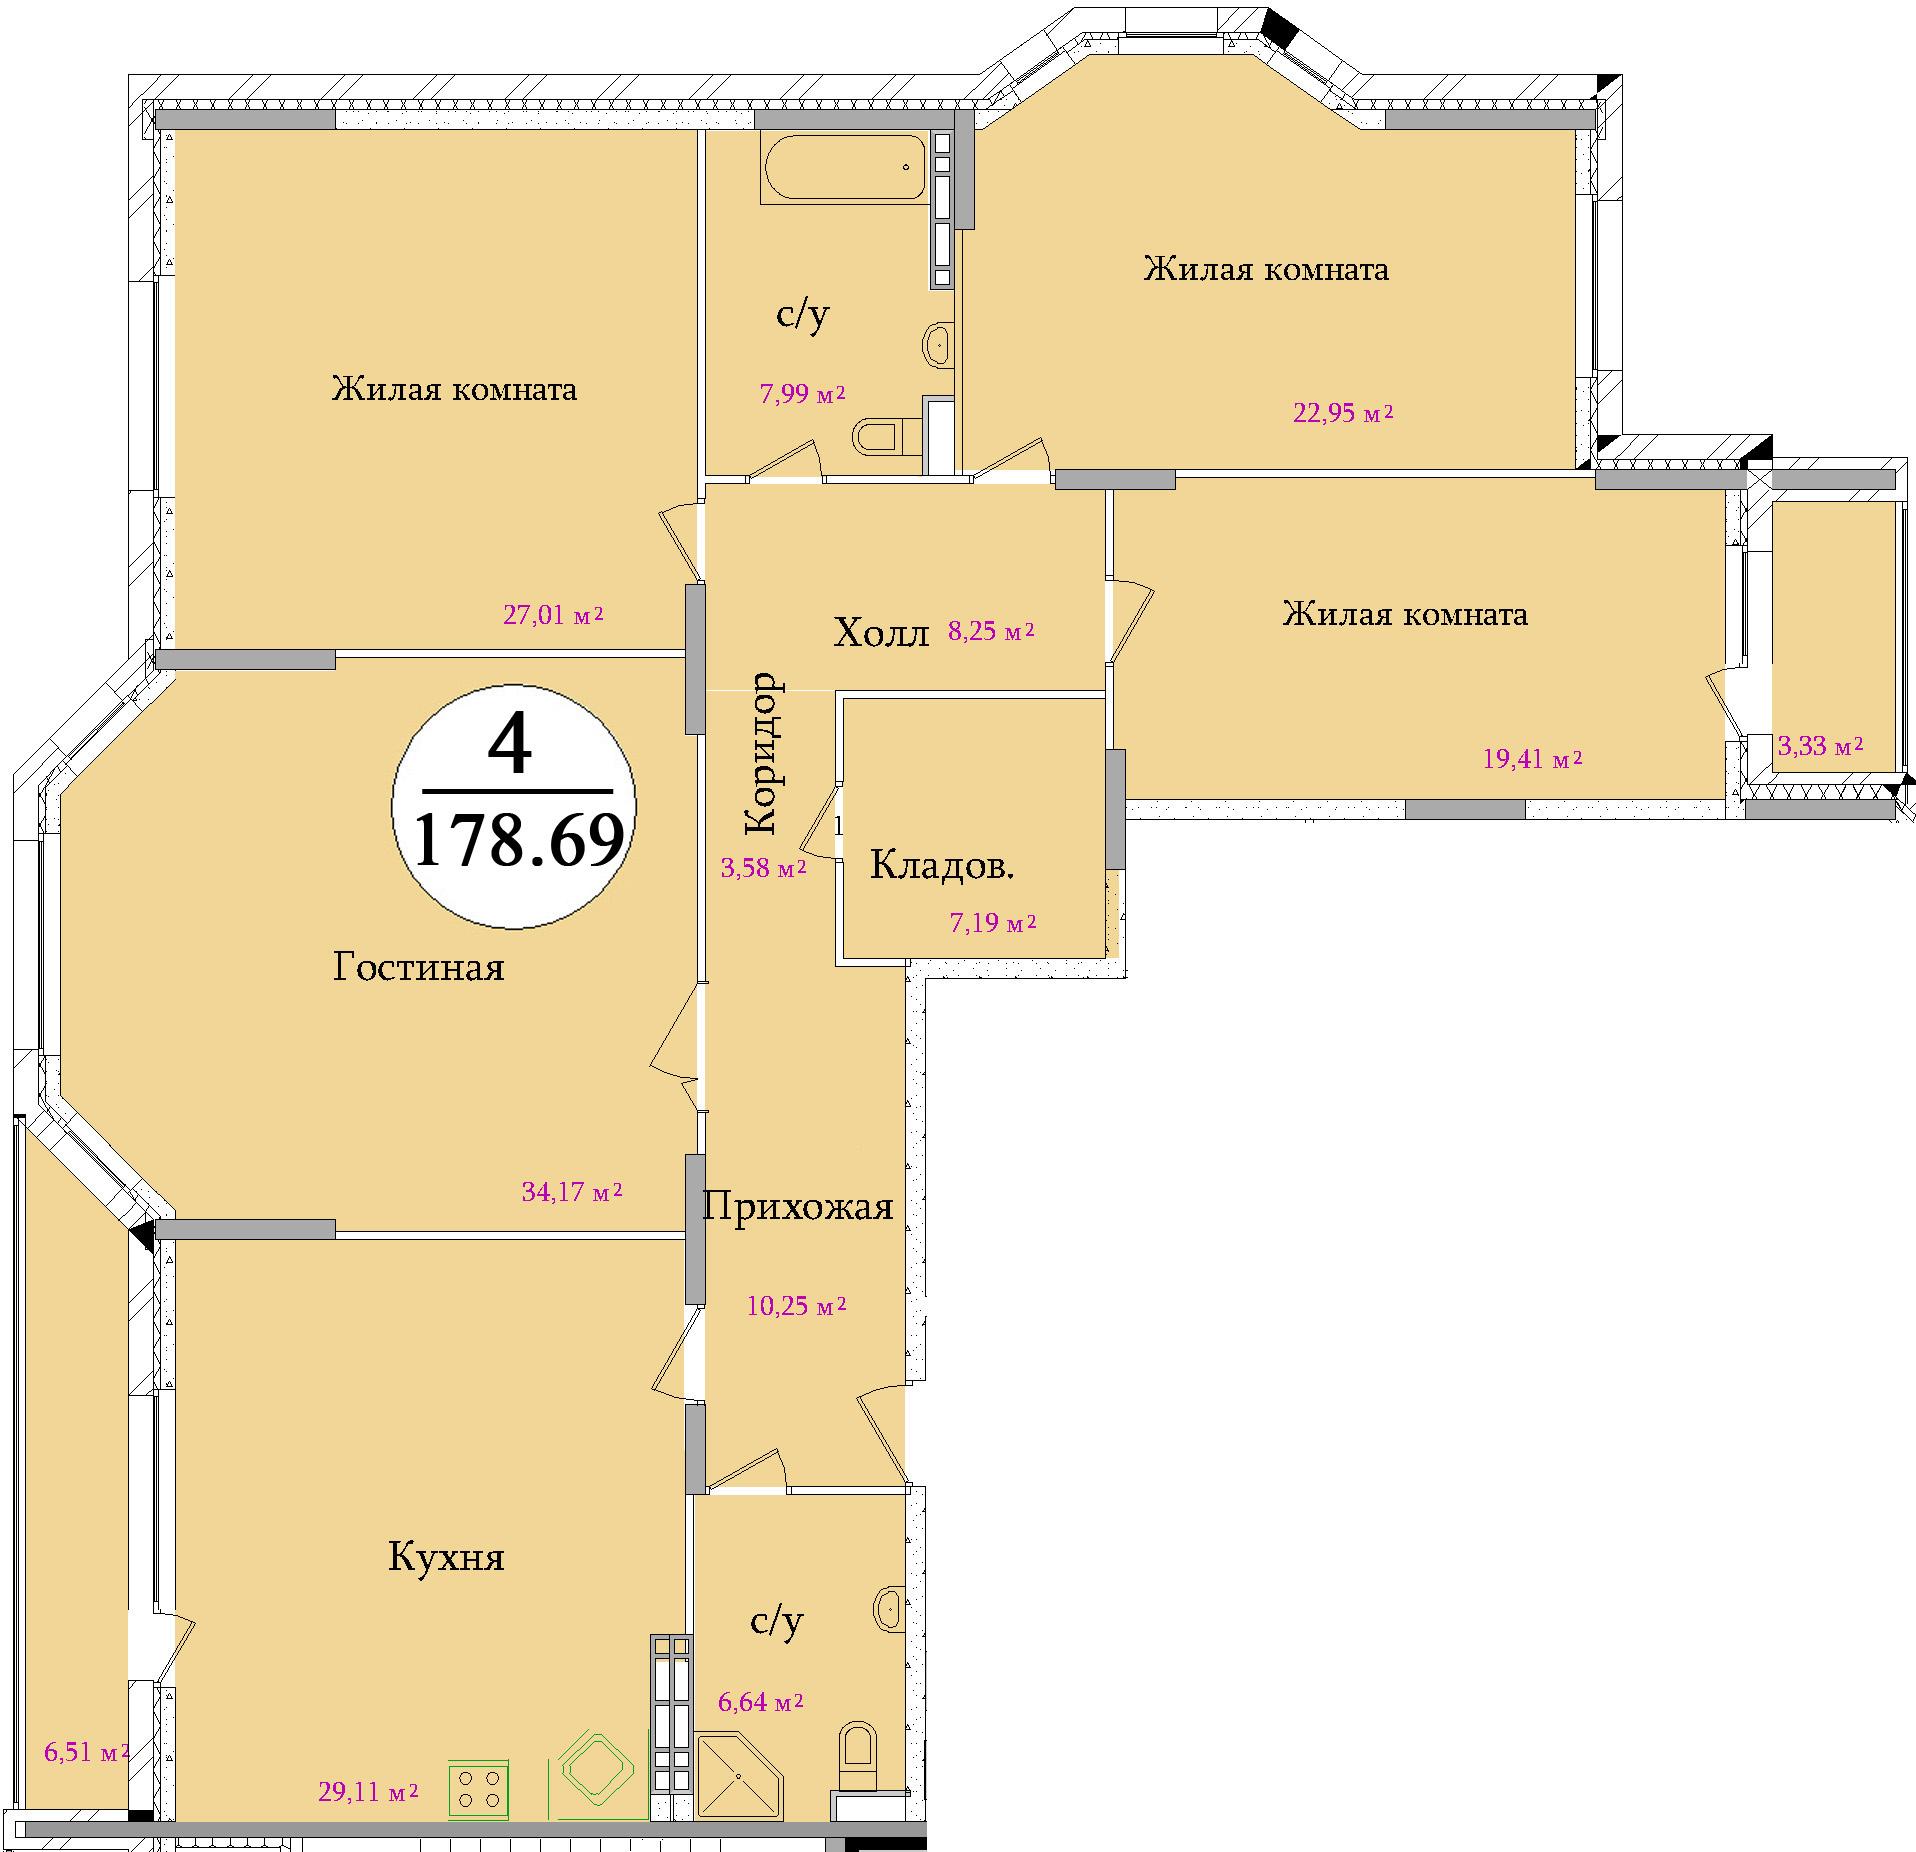 Планировка четырехкомнатной квартиры площадью 178,69 м2 ЖК НА ПЕРВОМАЙСКОЙ по улице Первомайская в городе Туле